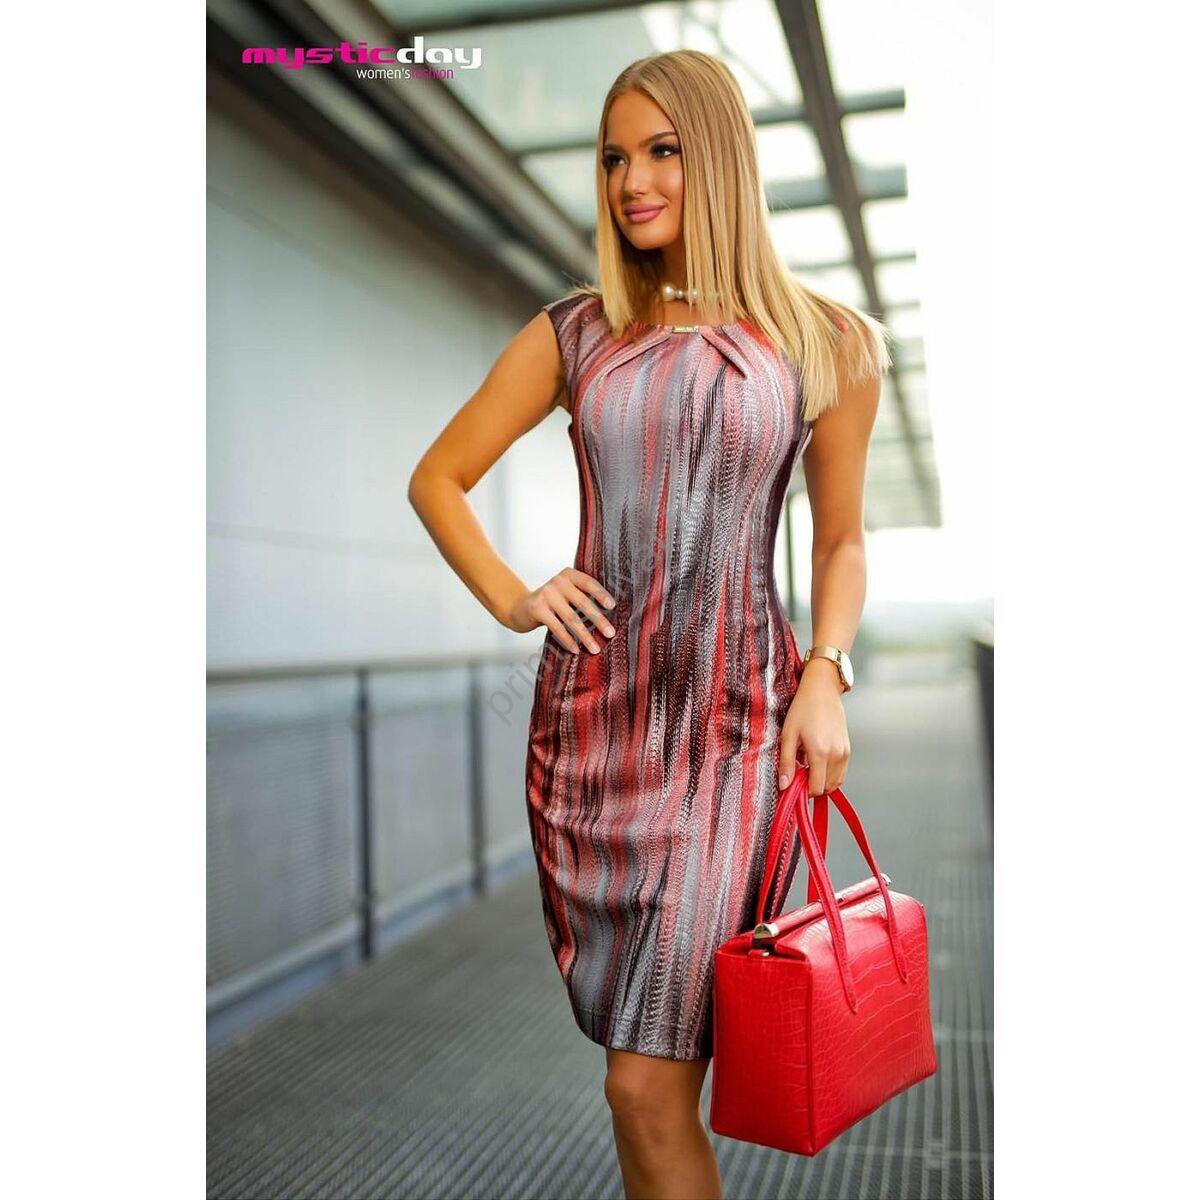 Mystic Day rakott mellrészű, rugalmas anyagú színes mintás ujjatlan alkalmi Elif ruha